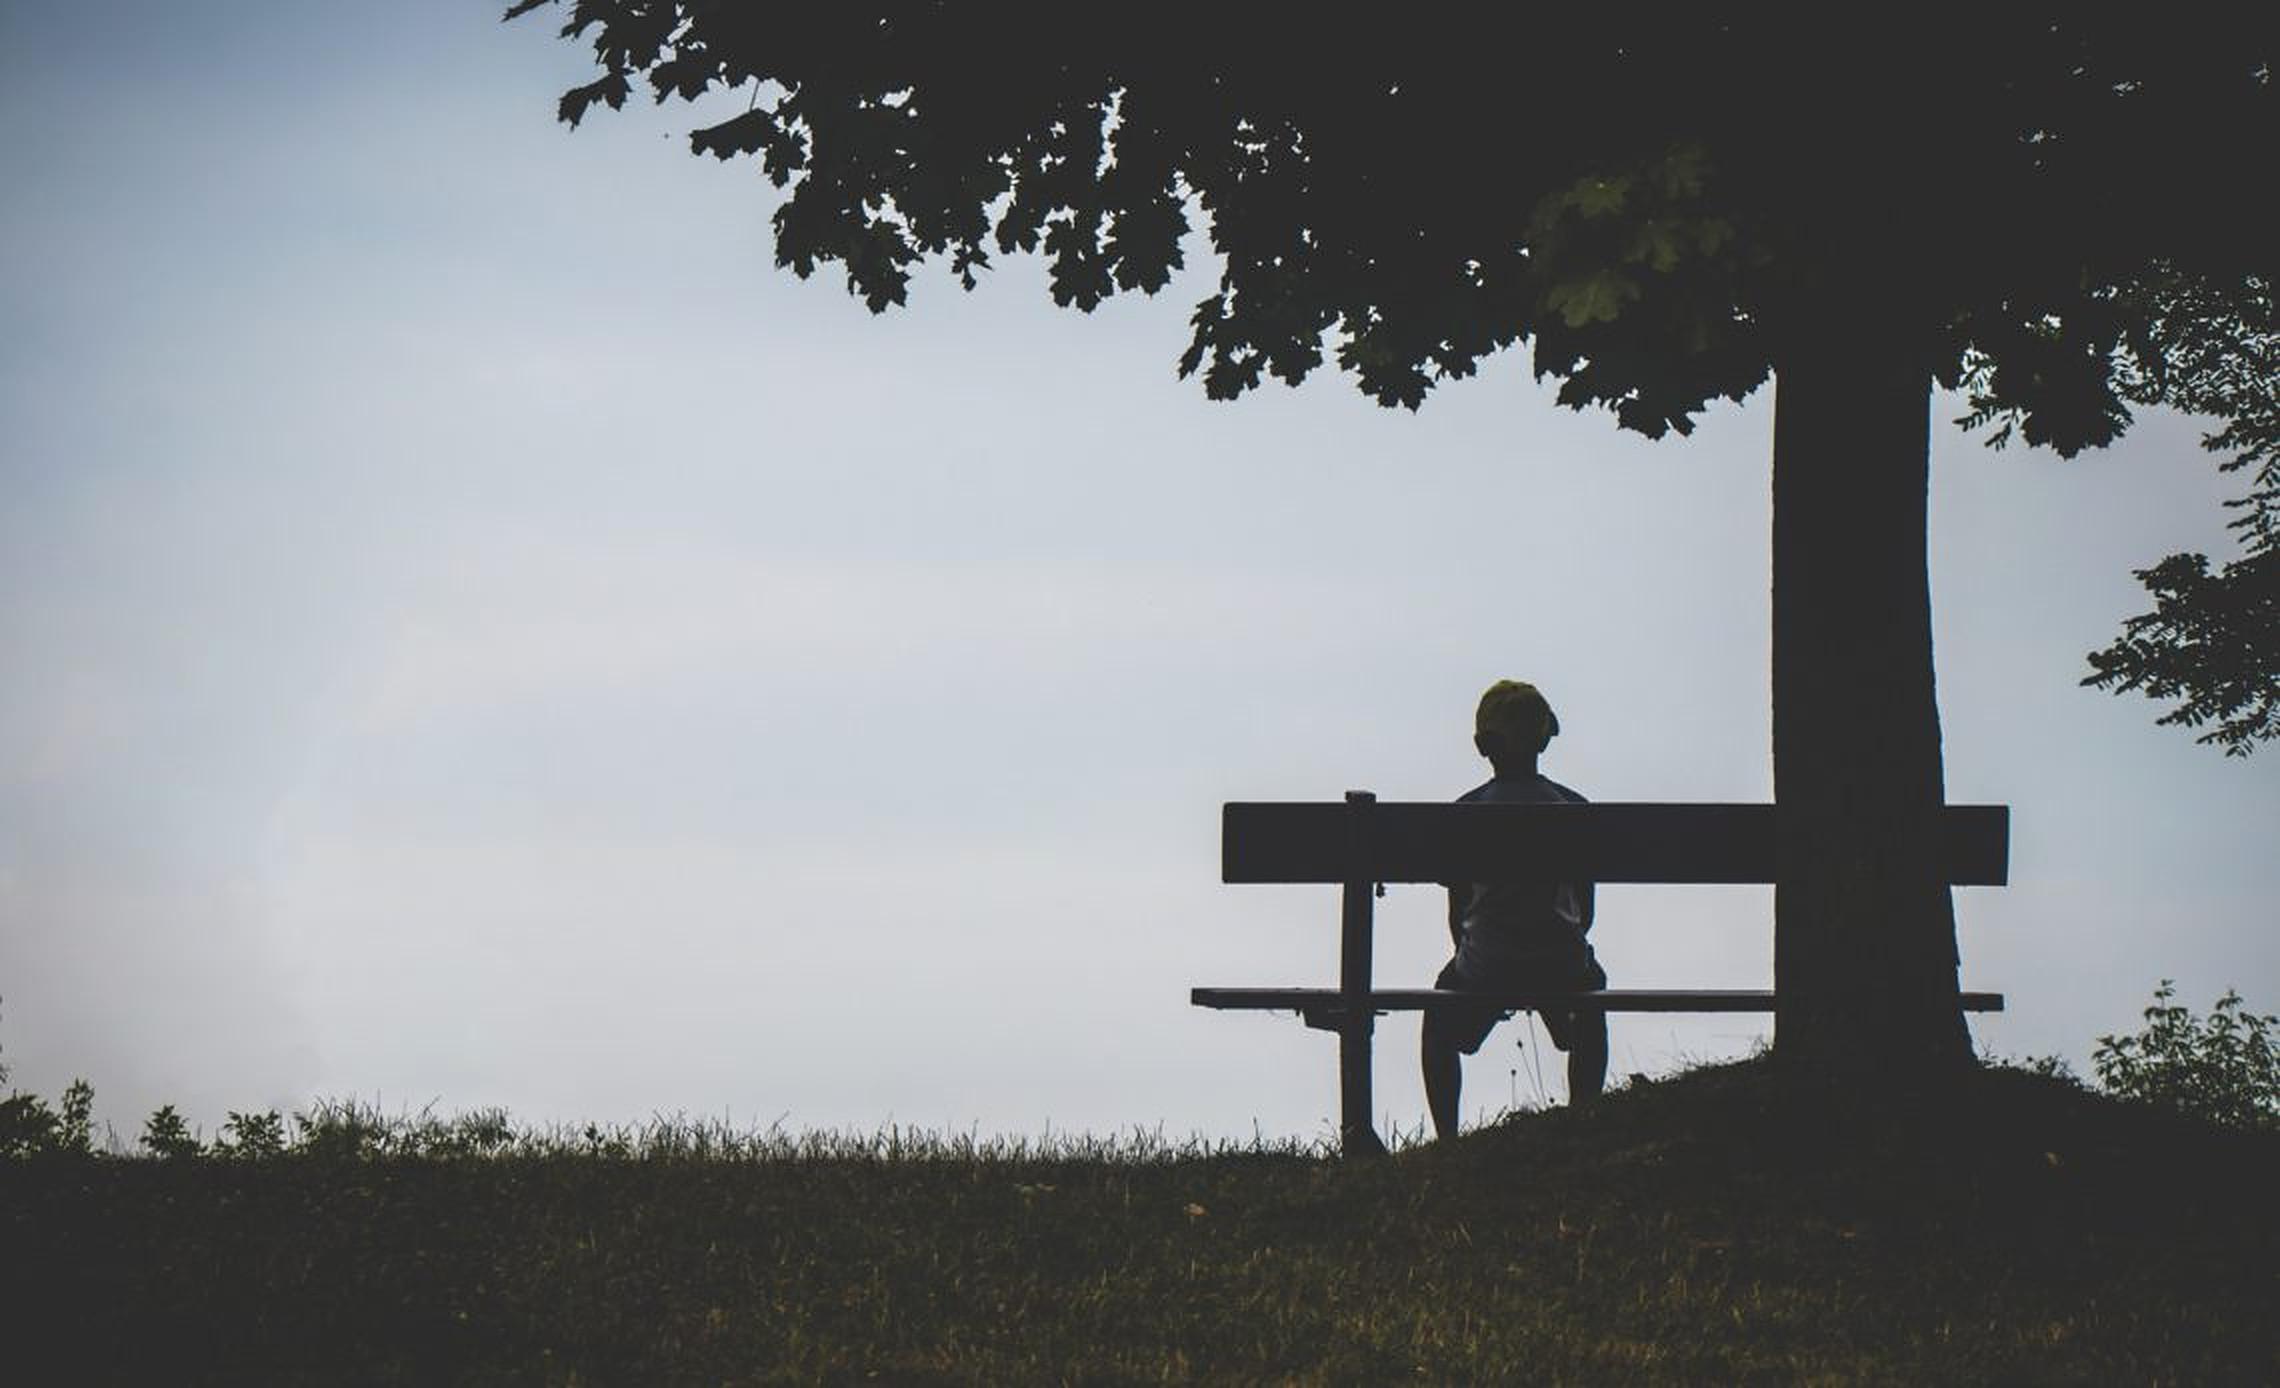 Sentimentul de singurătate în rândul tinerilor cu vârste cuprinse între 18 şi 35 de ani a crescut de patru ori. Raport